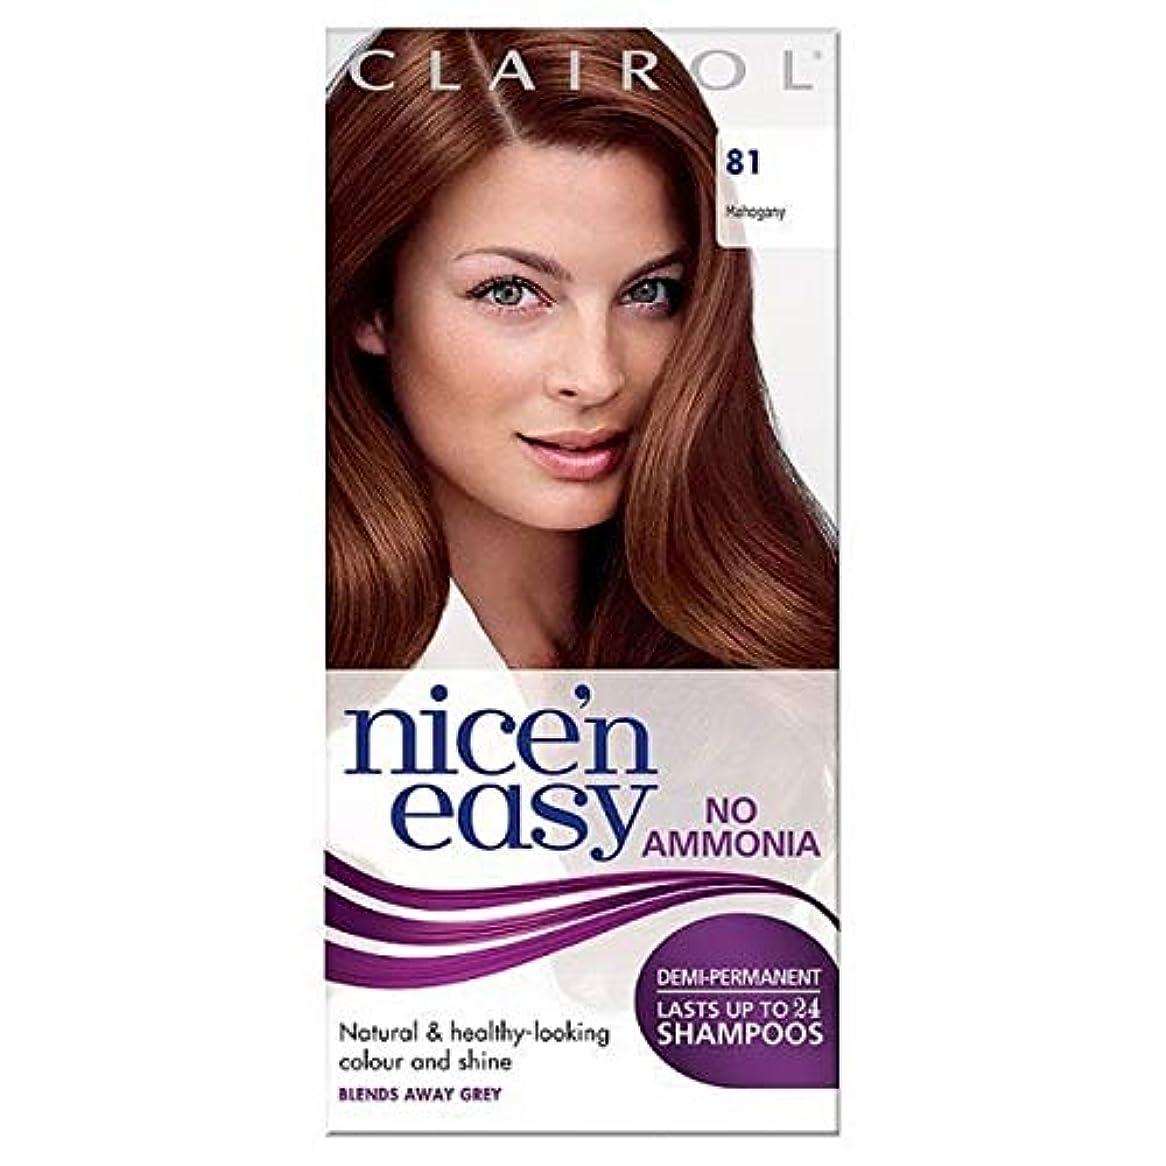 活性化ビーム歪める[Nice'n Easy] Nice'N簡単に何のアンモニアの染毛剤マホガニーません81 - Nice'n Easy No Ammonia Hair Dye Mahogany 81 [並行輸入品]